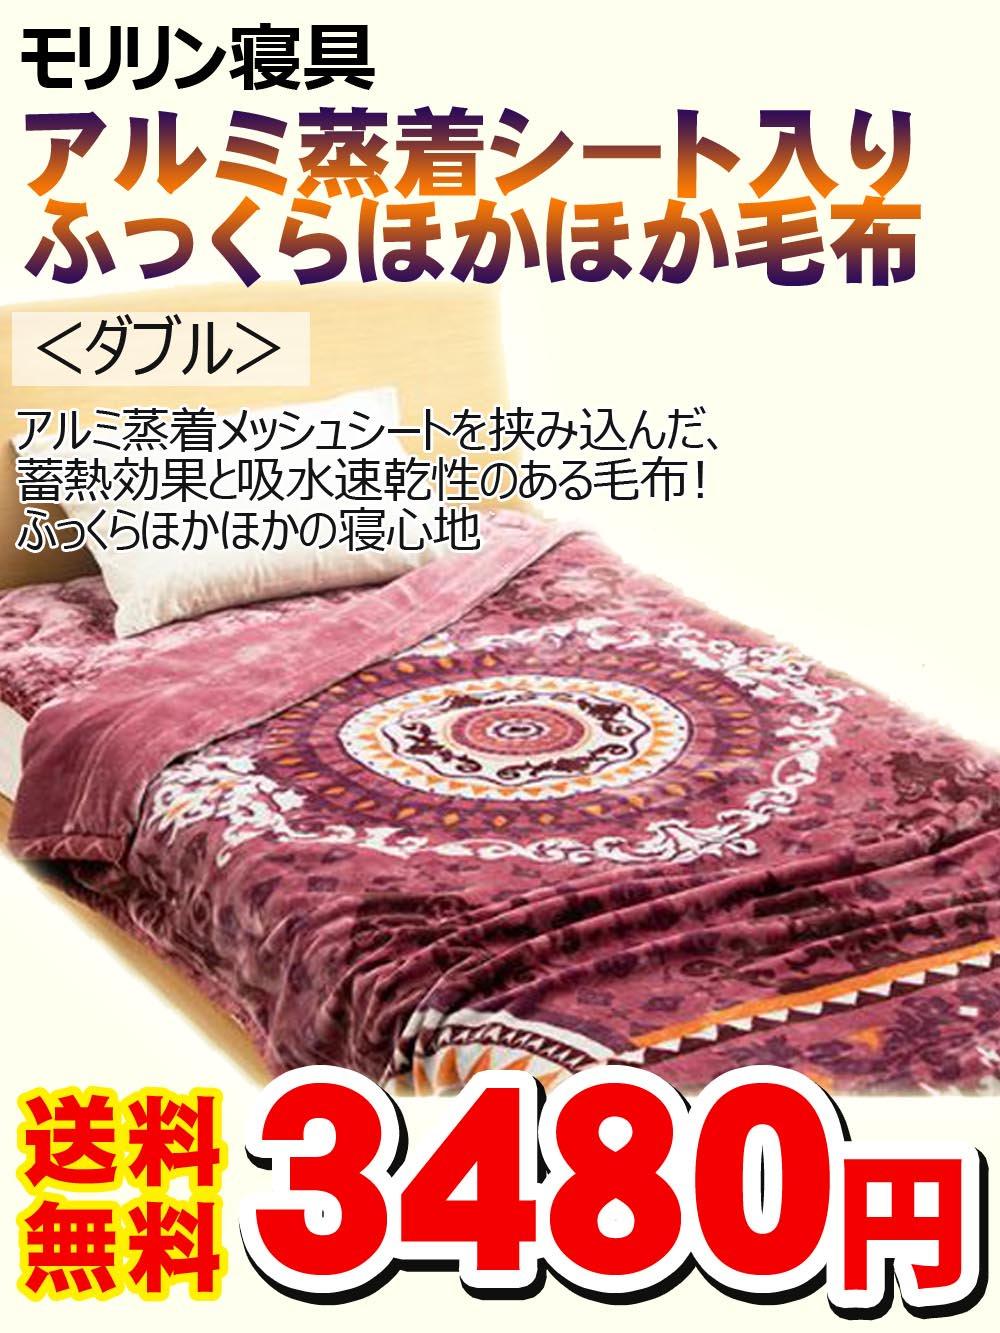 【送料無料】◆モリリンアルミ蒸着シート入り毛布 ダブル <ピンク>3480円